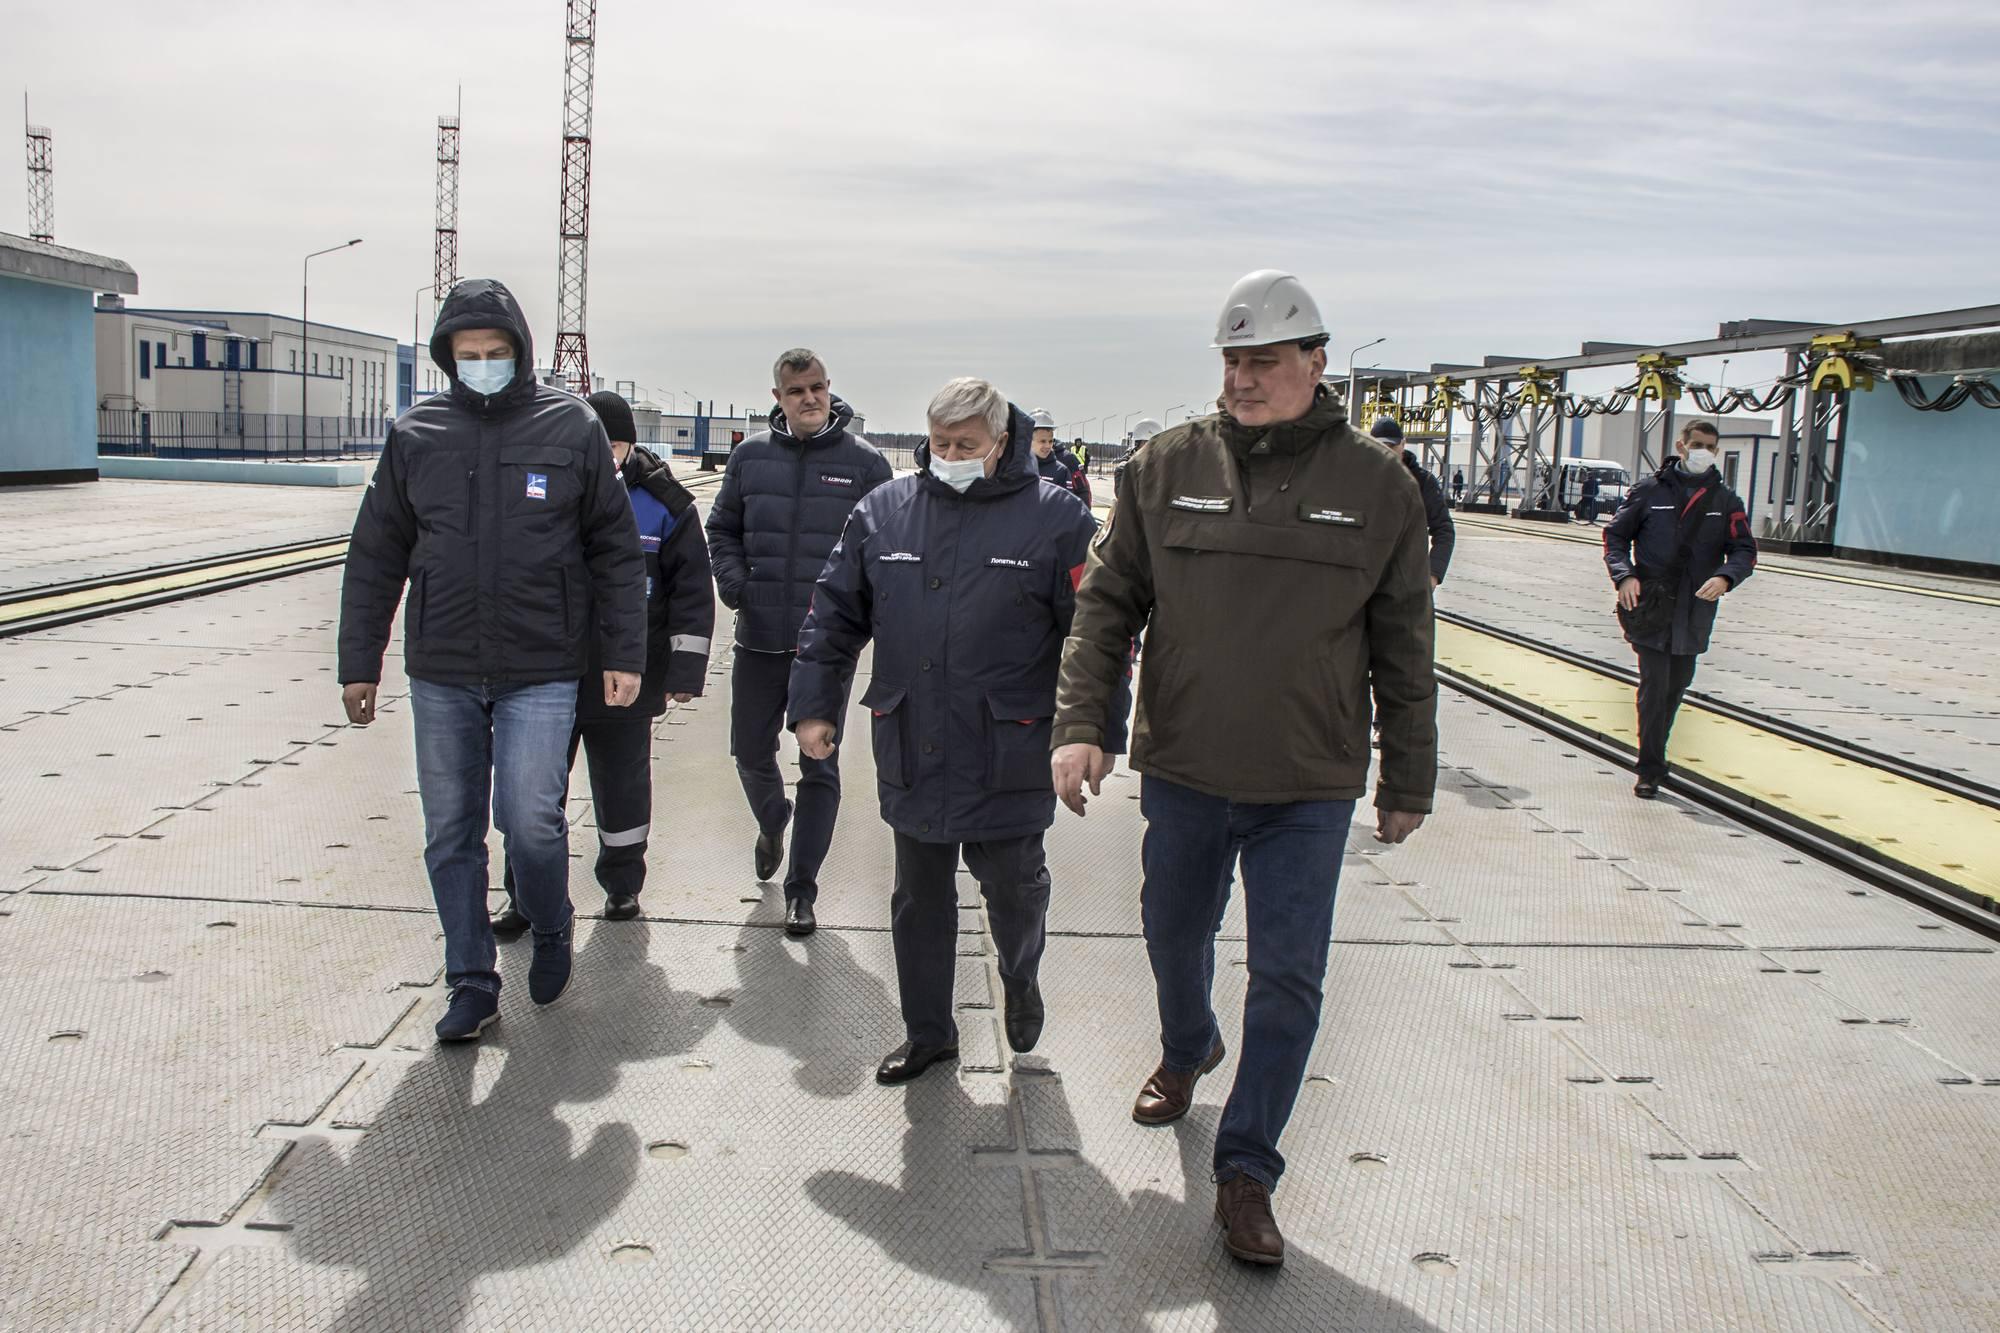 Visite du pas de Tir 1S (Soyouz) à Vostochny: Dmitry Rogozine a été rejoint par Dmitry Baranov le DG de RKTs Progress le fabricant des lanceurs Soyouz (à gauche).